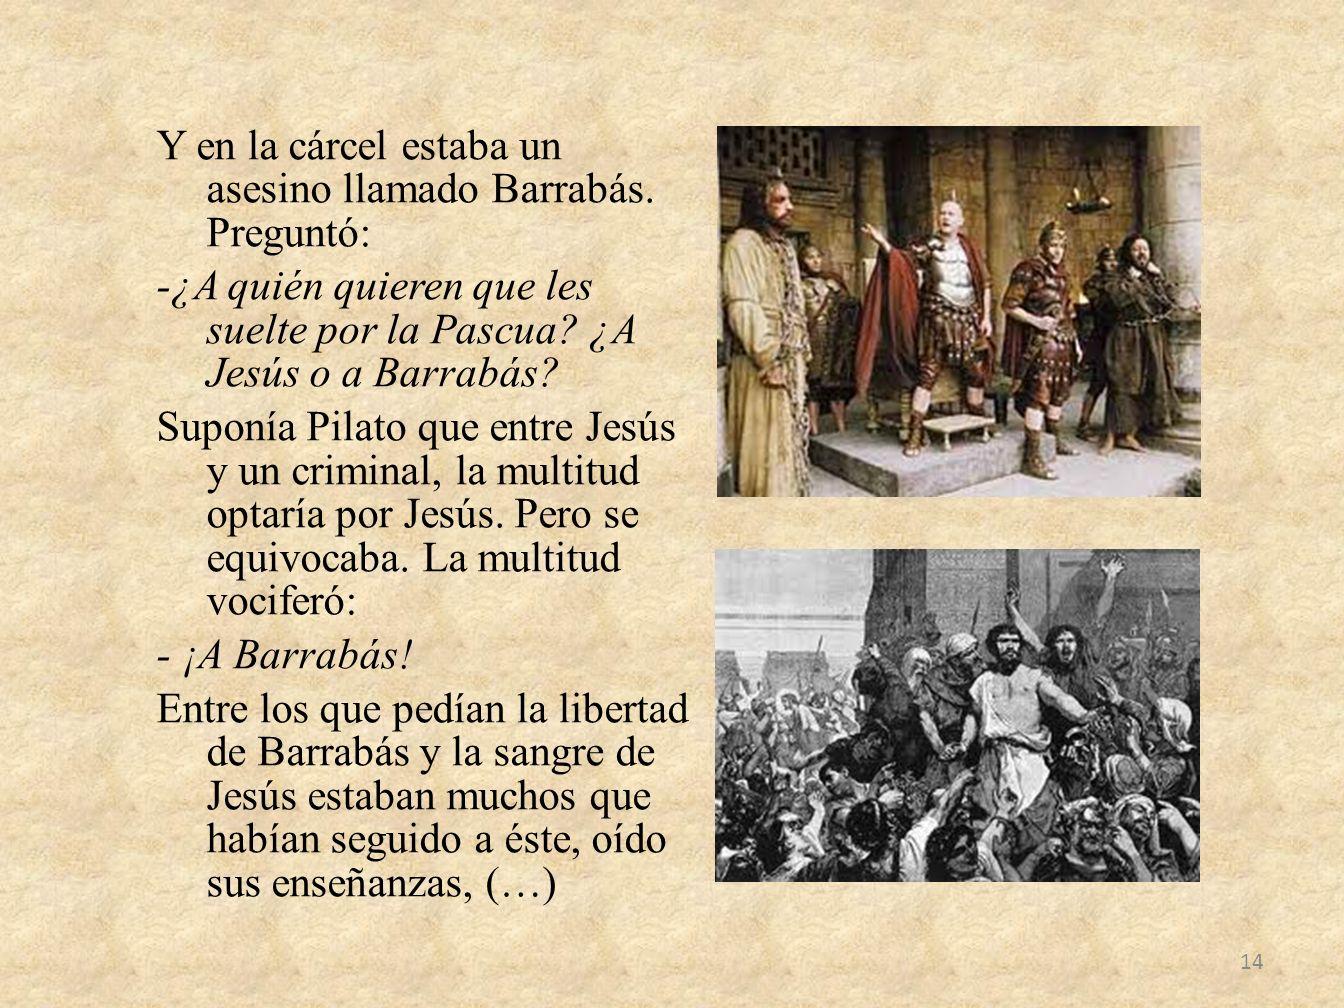 Y en la cárcel estaba un asesino llamado Barrabás. Preguntó: -¿A quién quieren que les suelte por la Pascua? ¿A Jesús o a Barrabás? Suponía Pilato que